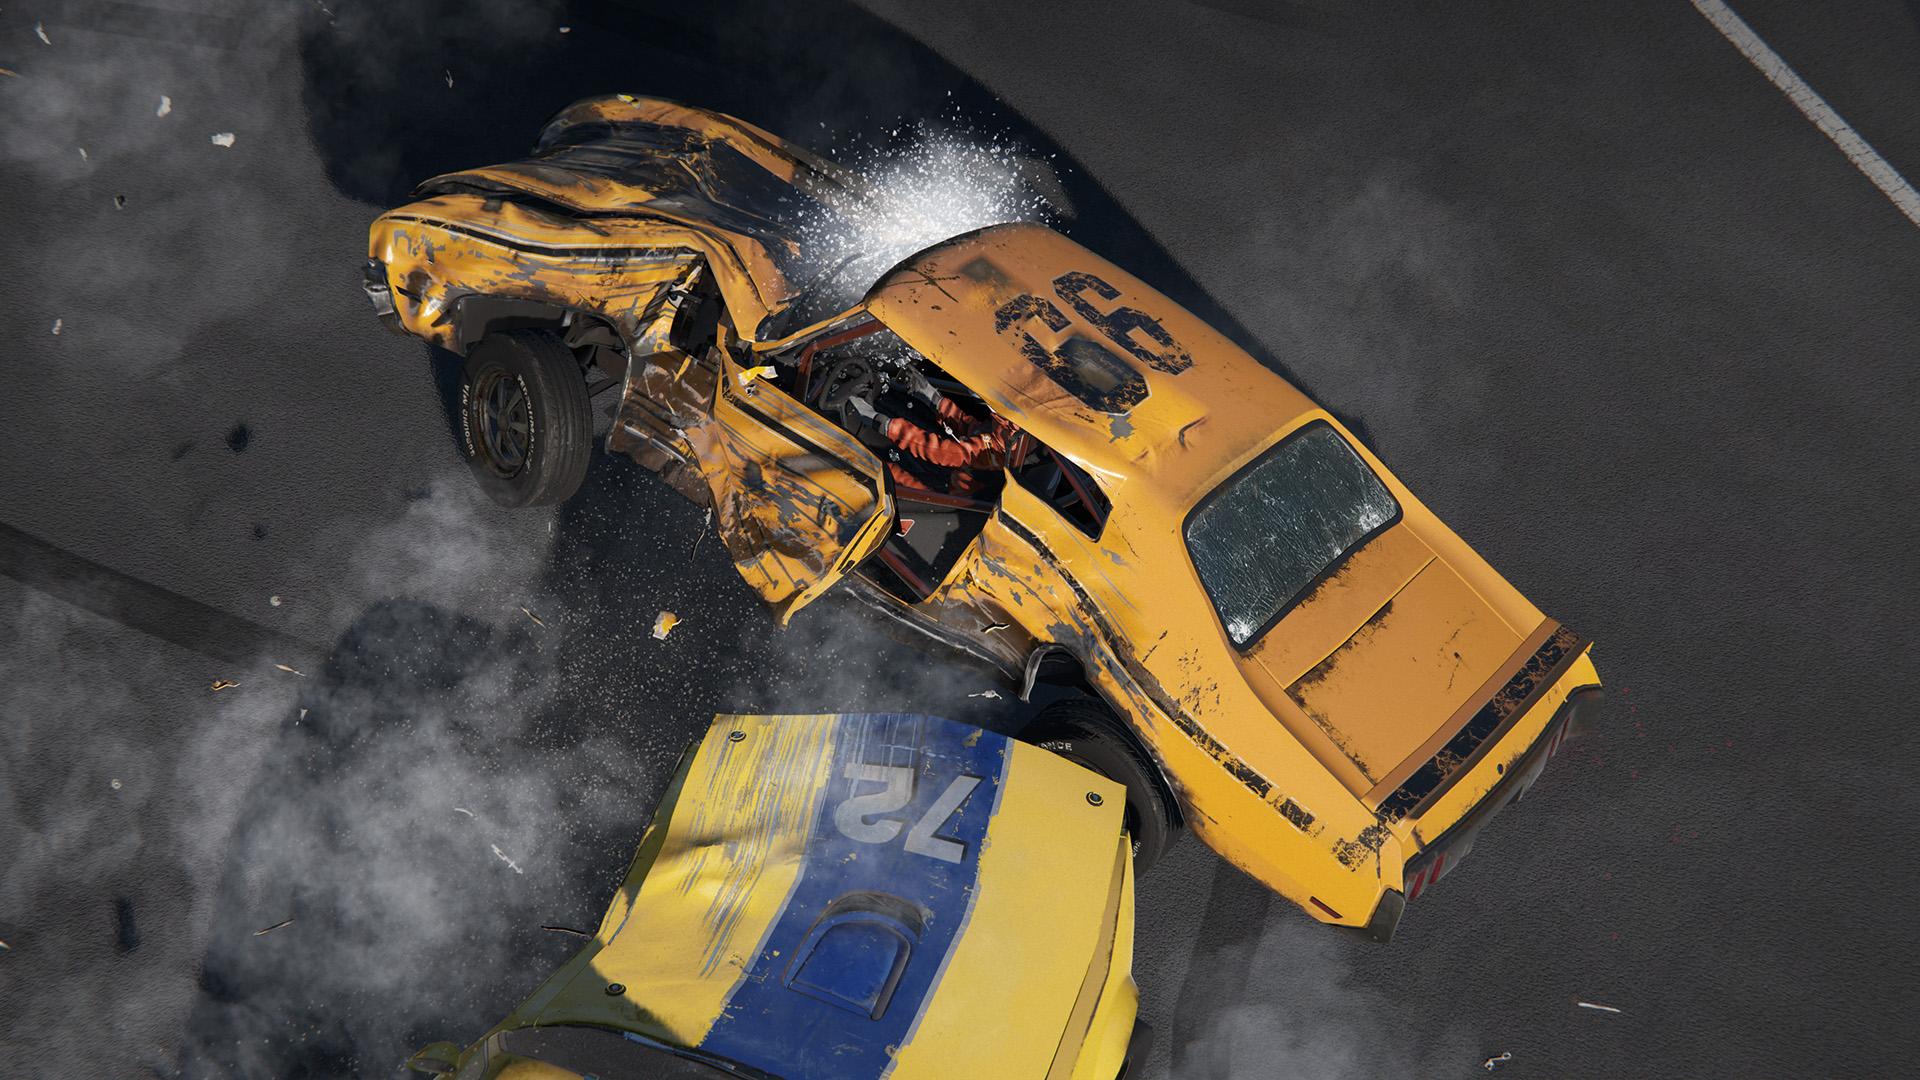 Závody Wreckfest běží na novém enginu 112235